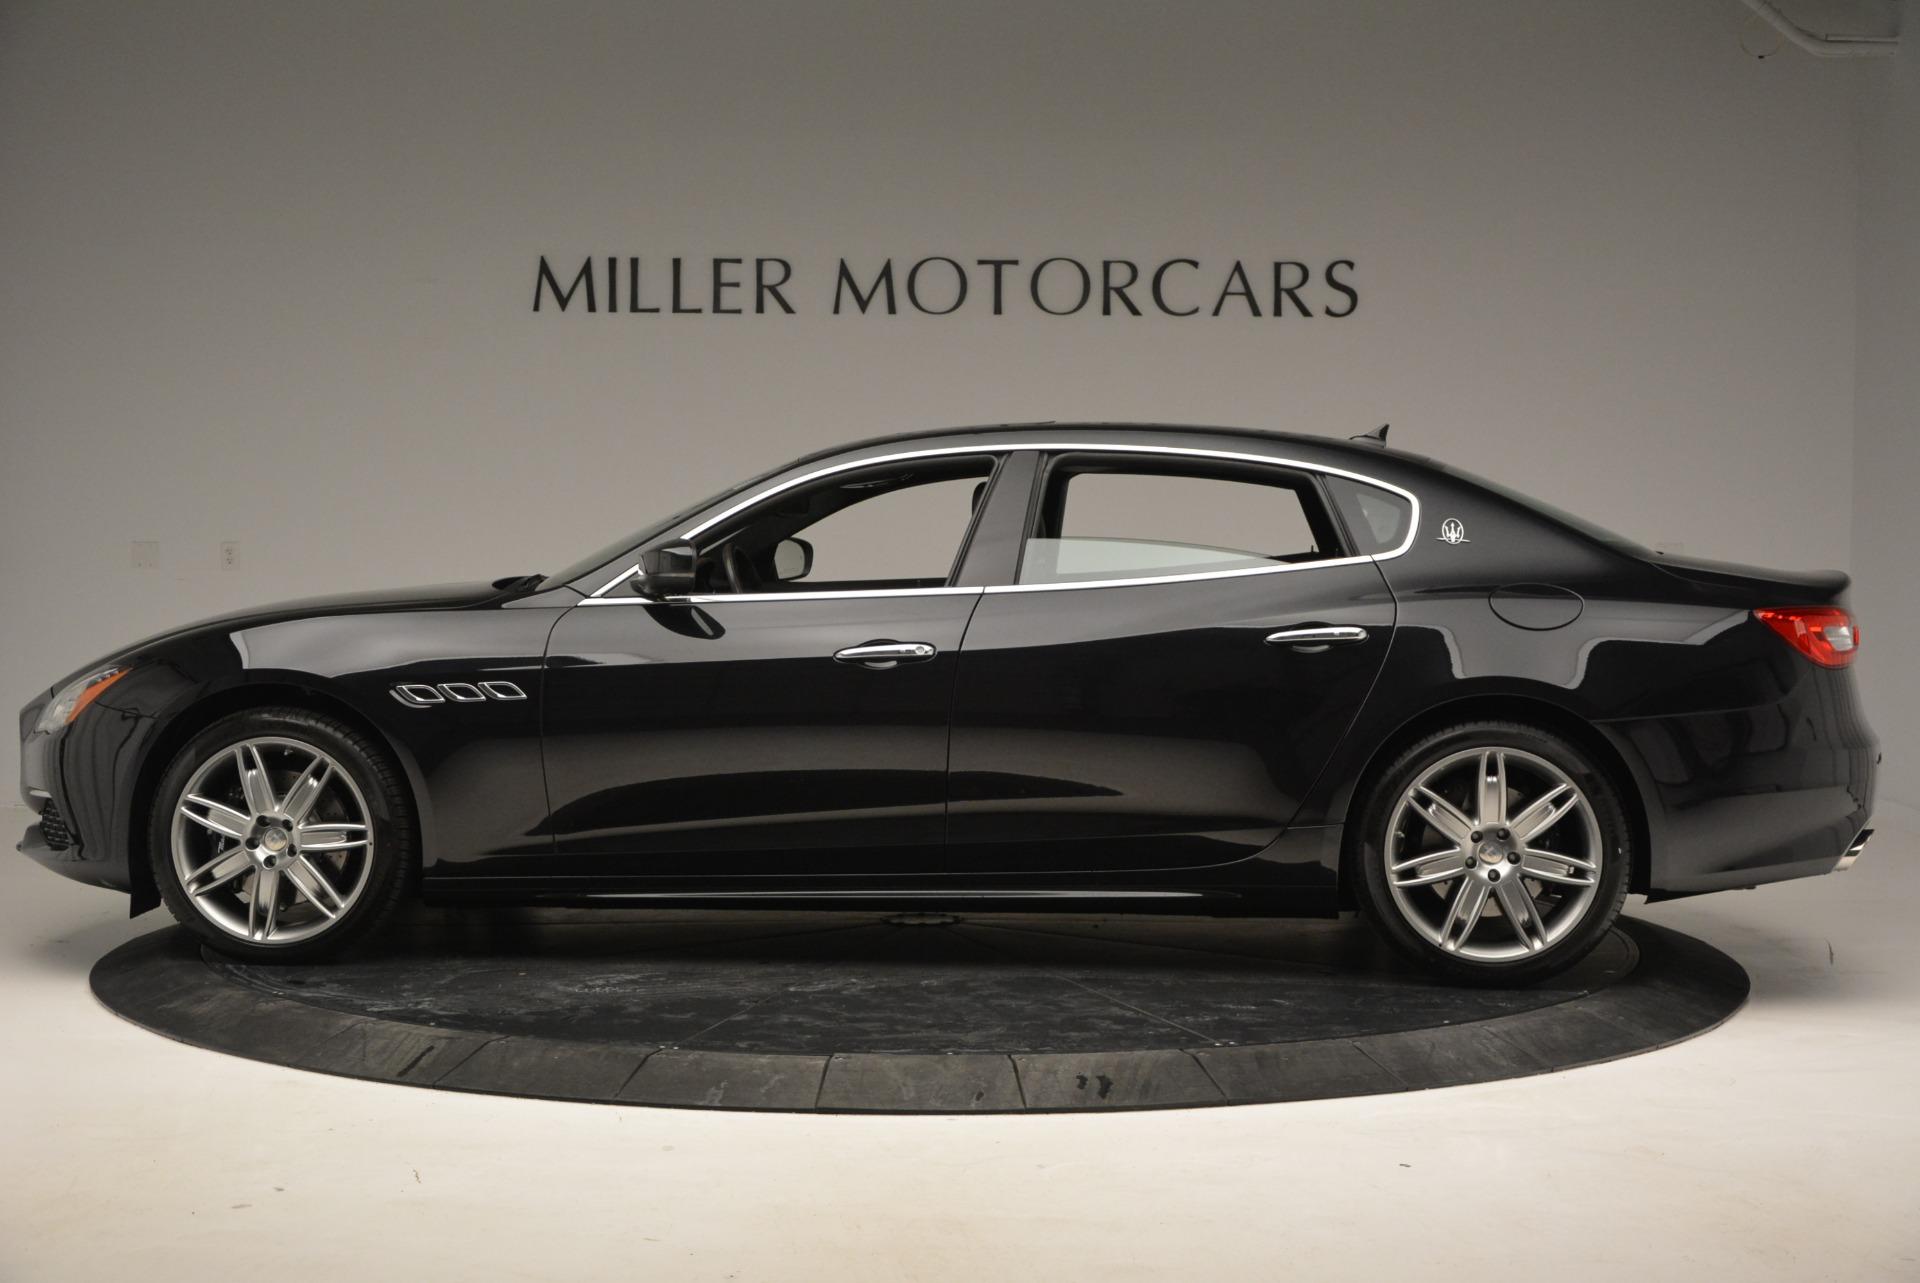 New 2017 Maserati Quattroporte S Q4 GranLusso For Sale In Greenwich, CT 777_p3